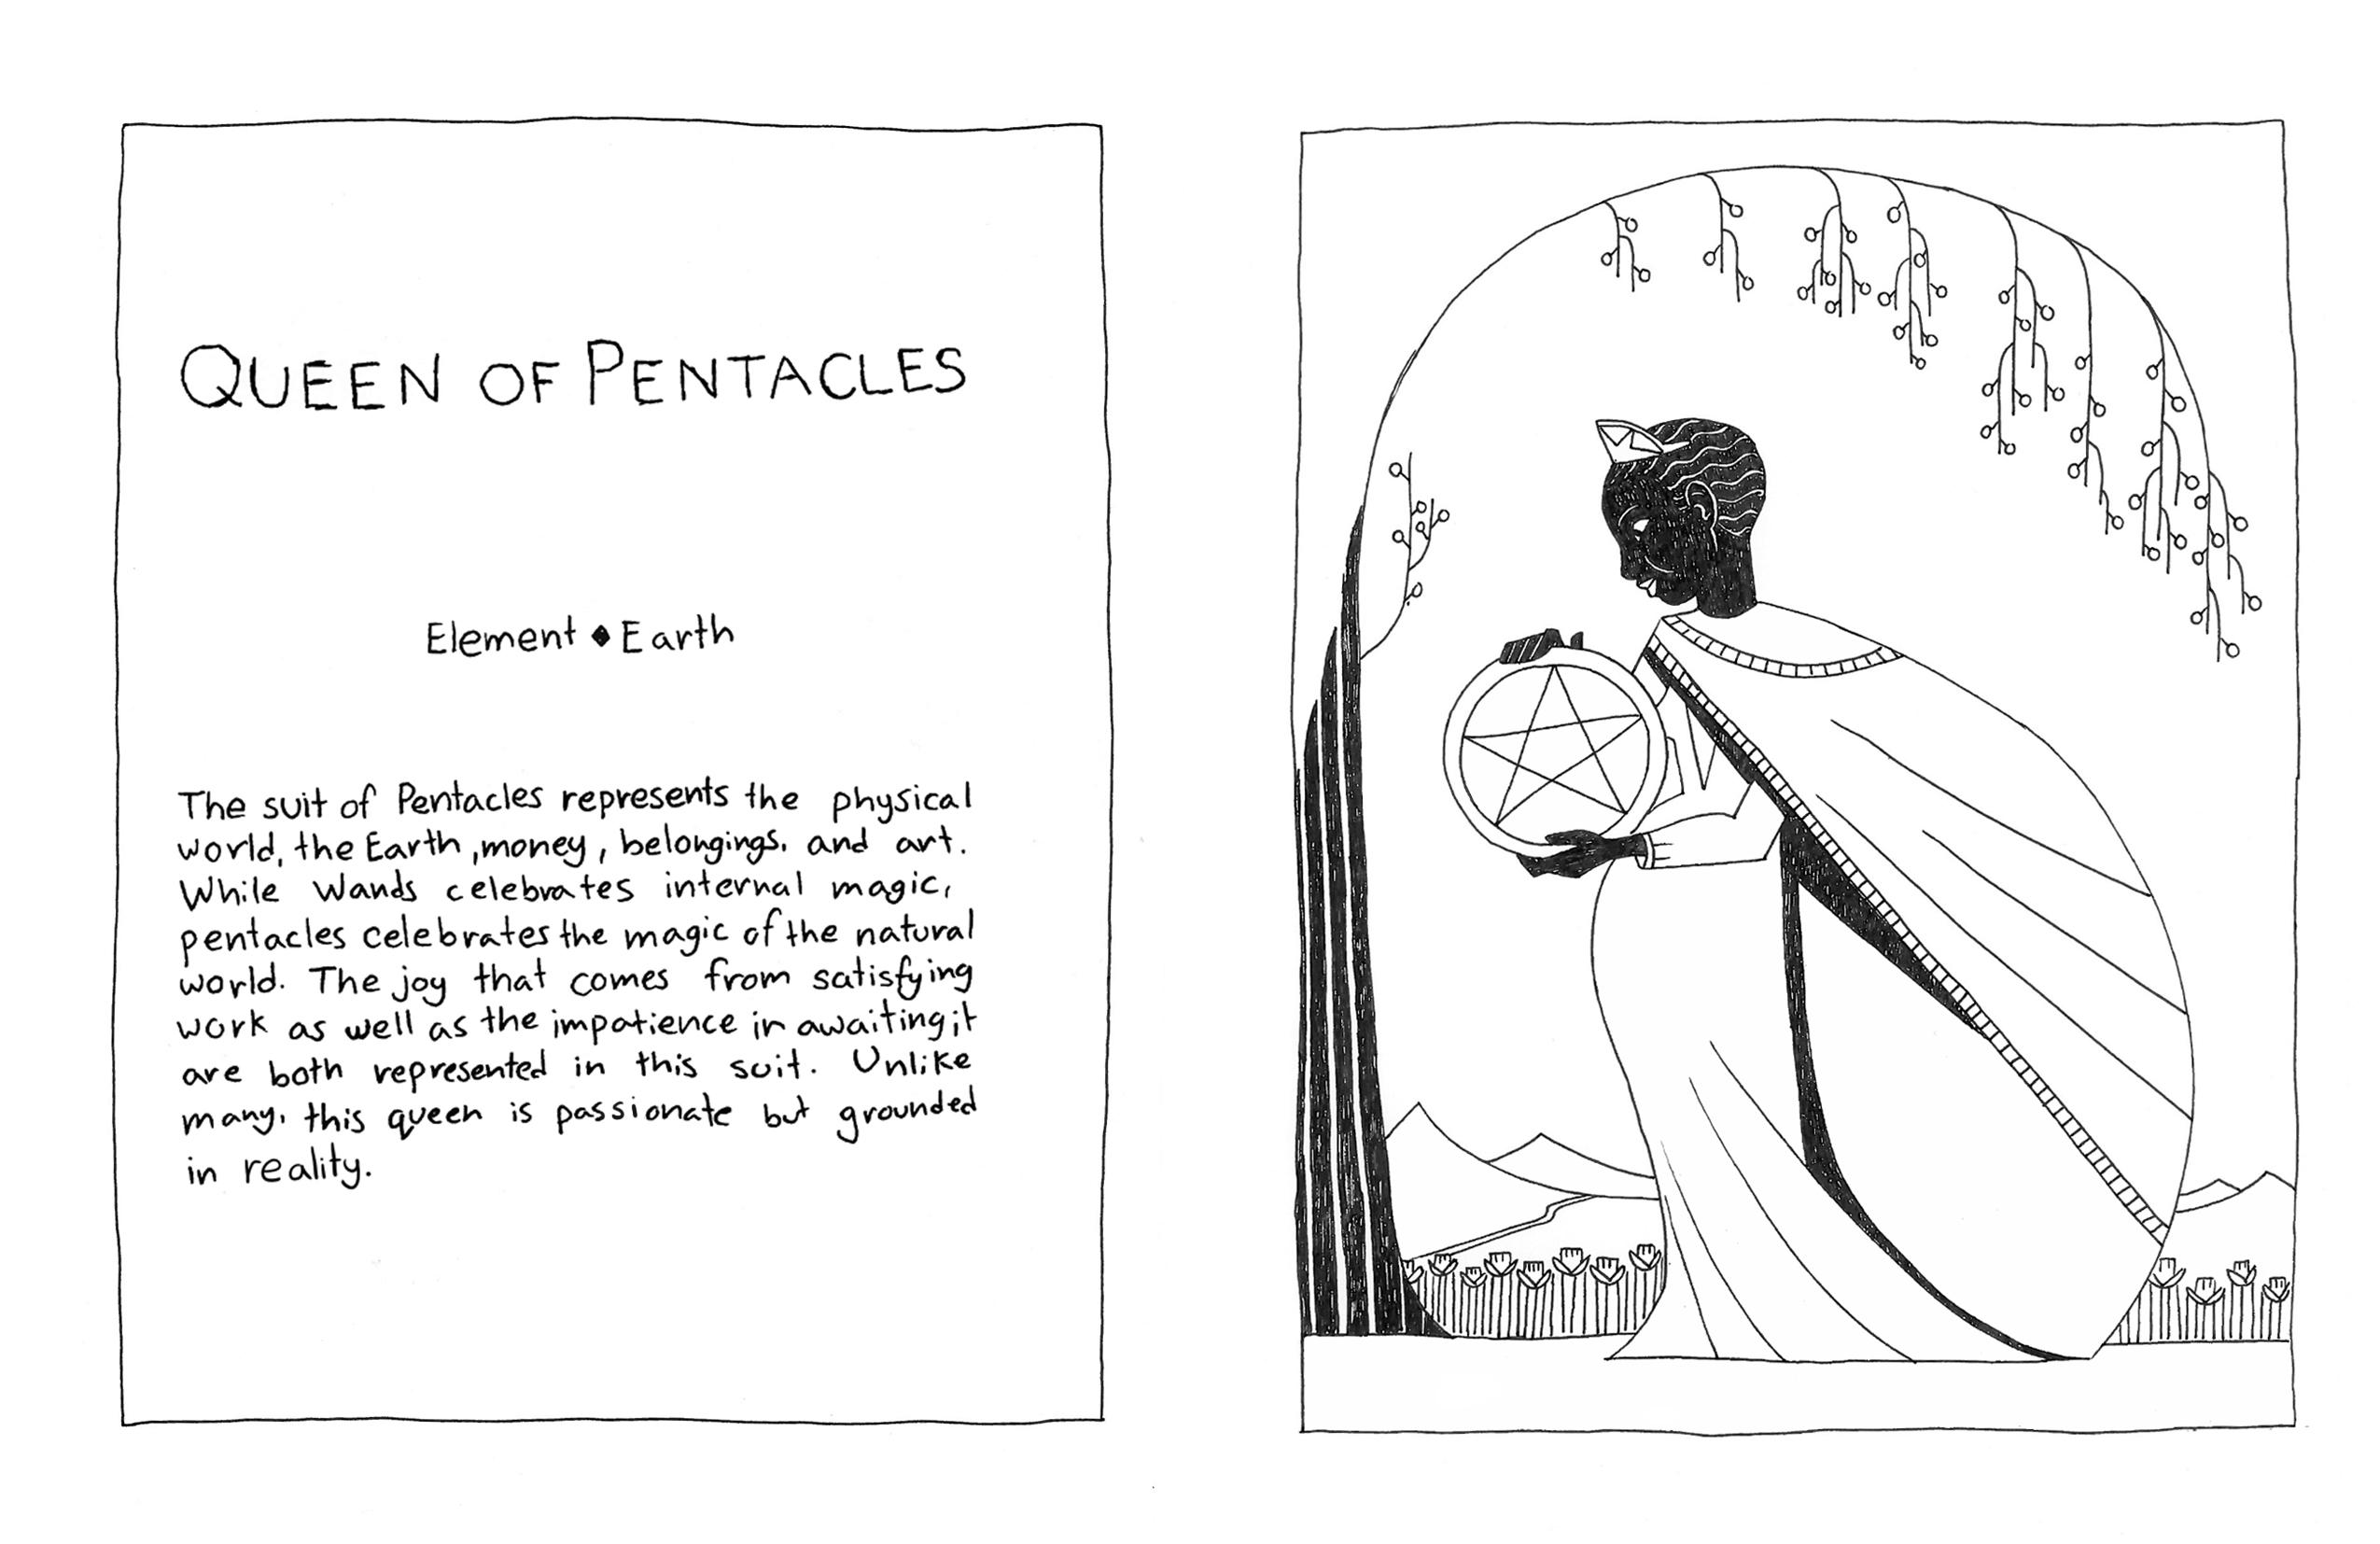 TarotBookPentacles